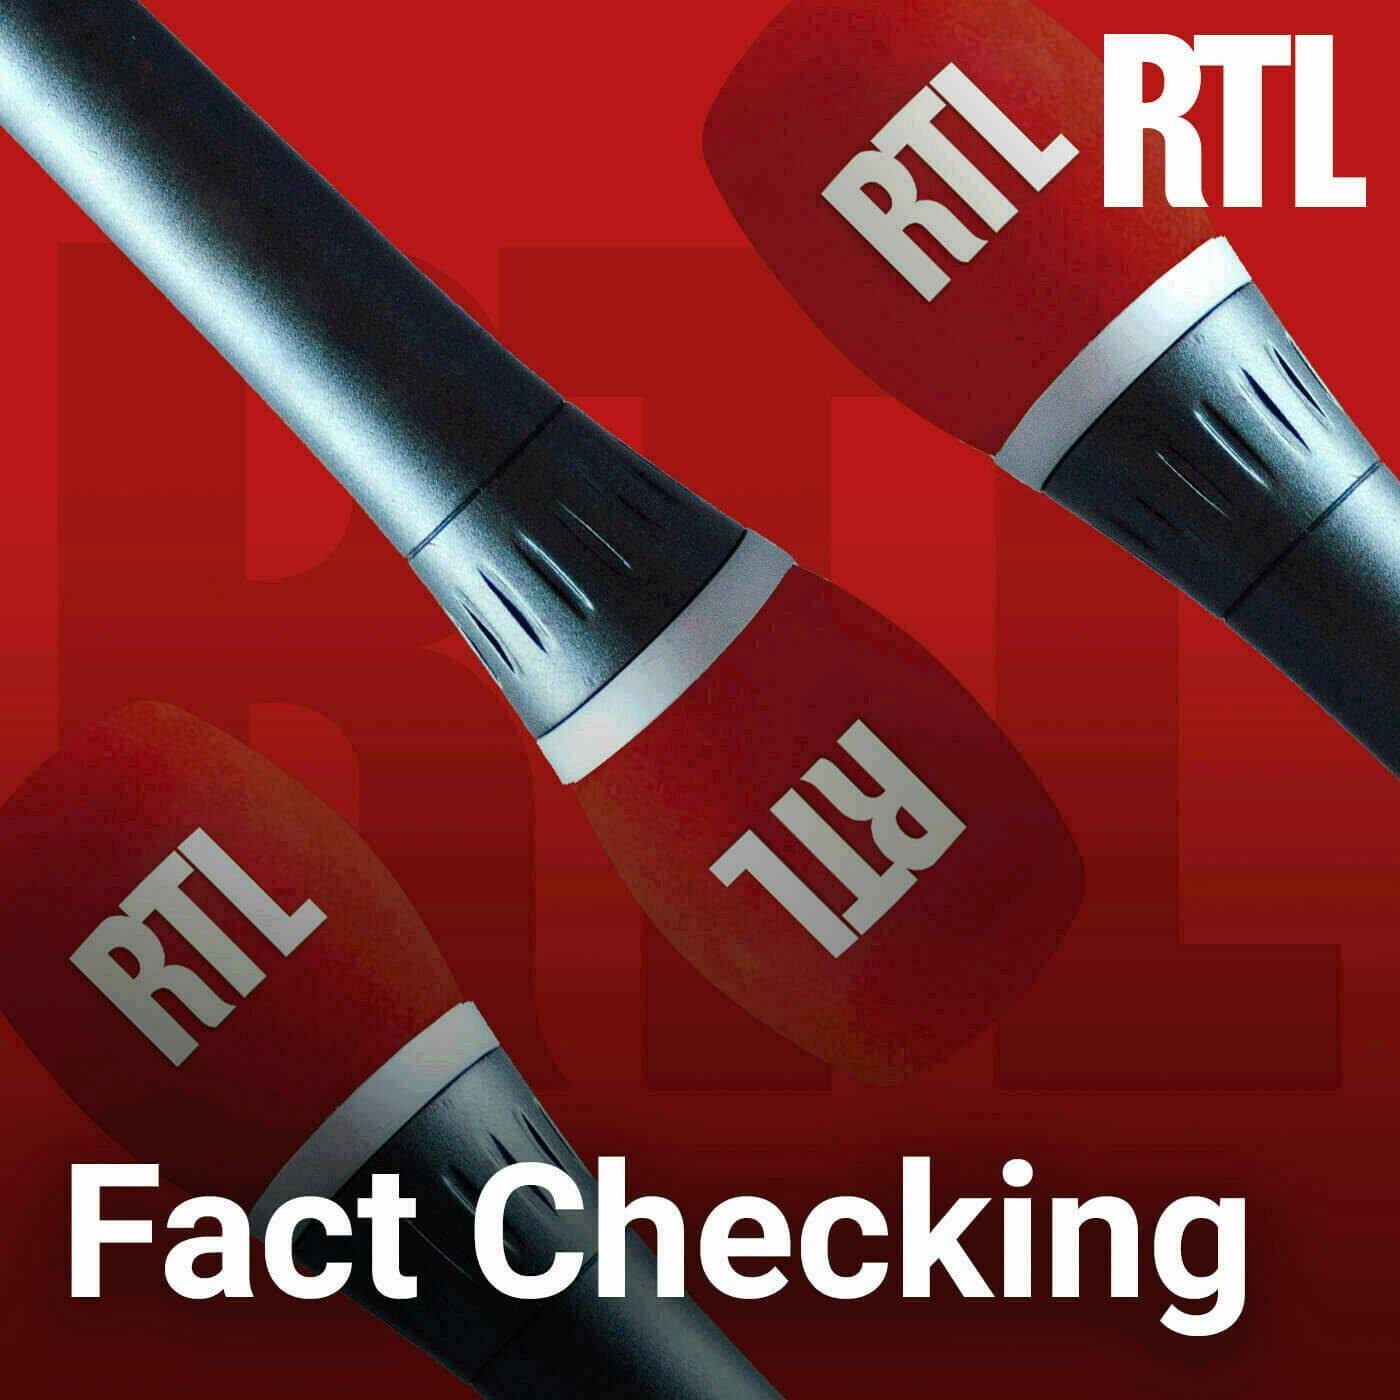 Image 1: Fact Checking